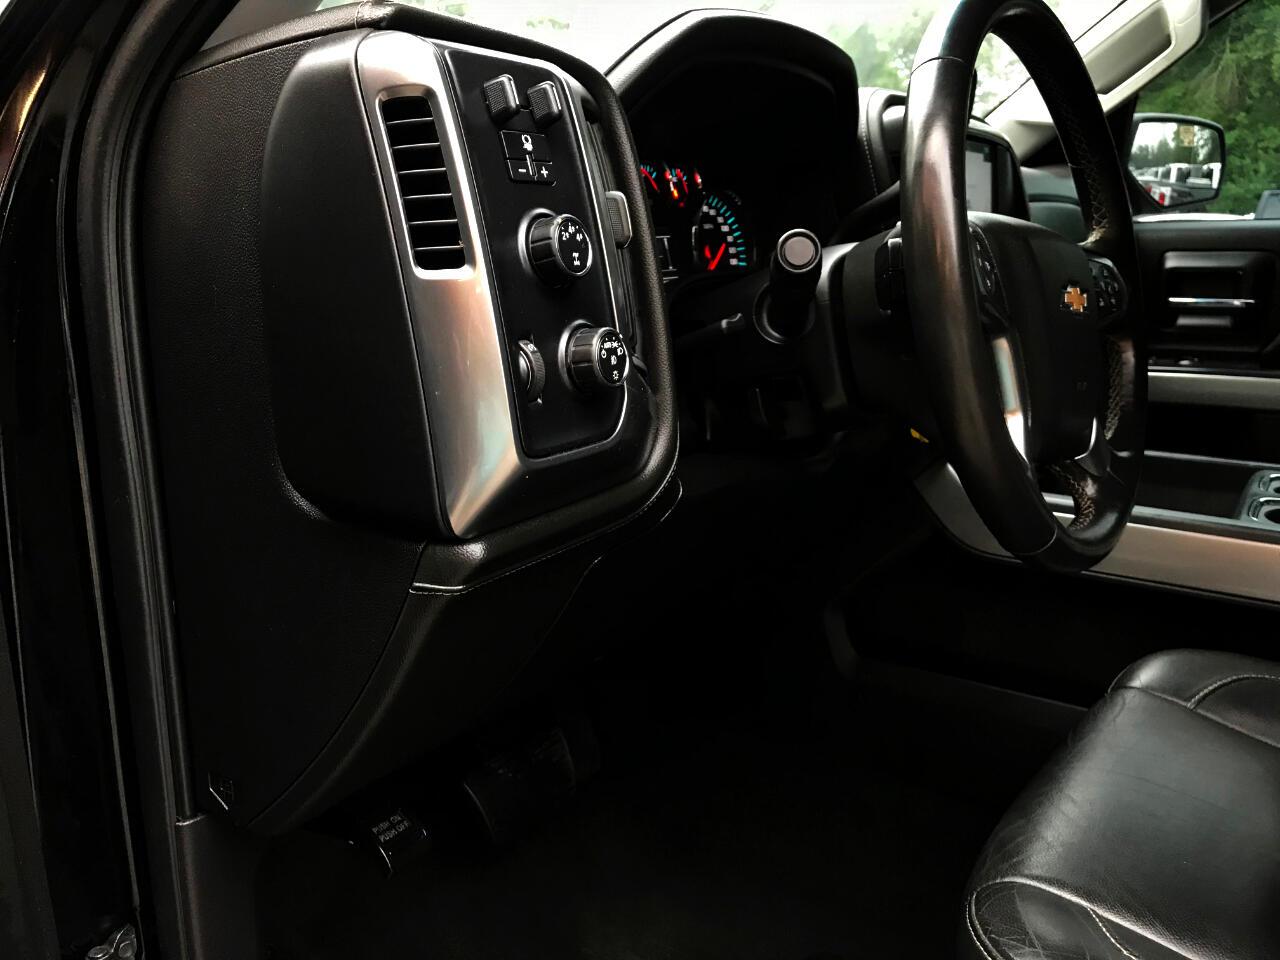 2016 Chevrolet Silverado 2500HD LTZ CREW CAB SHORT BED 4WD CUSTOM LIFTED